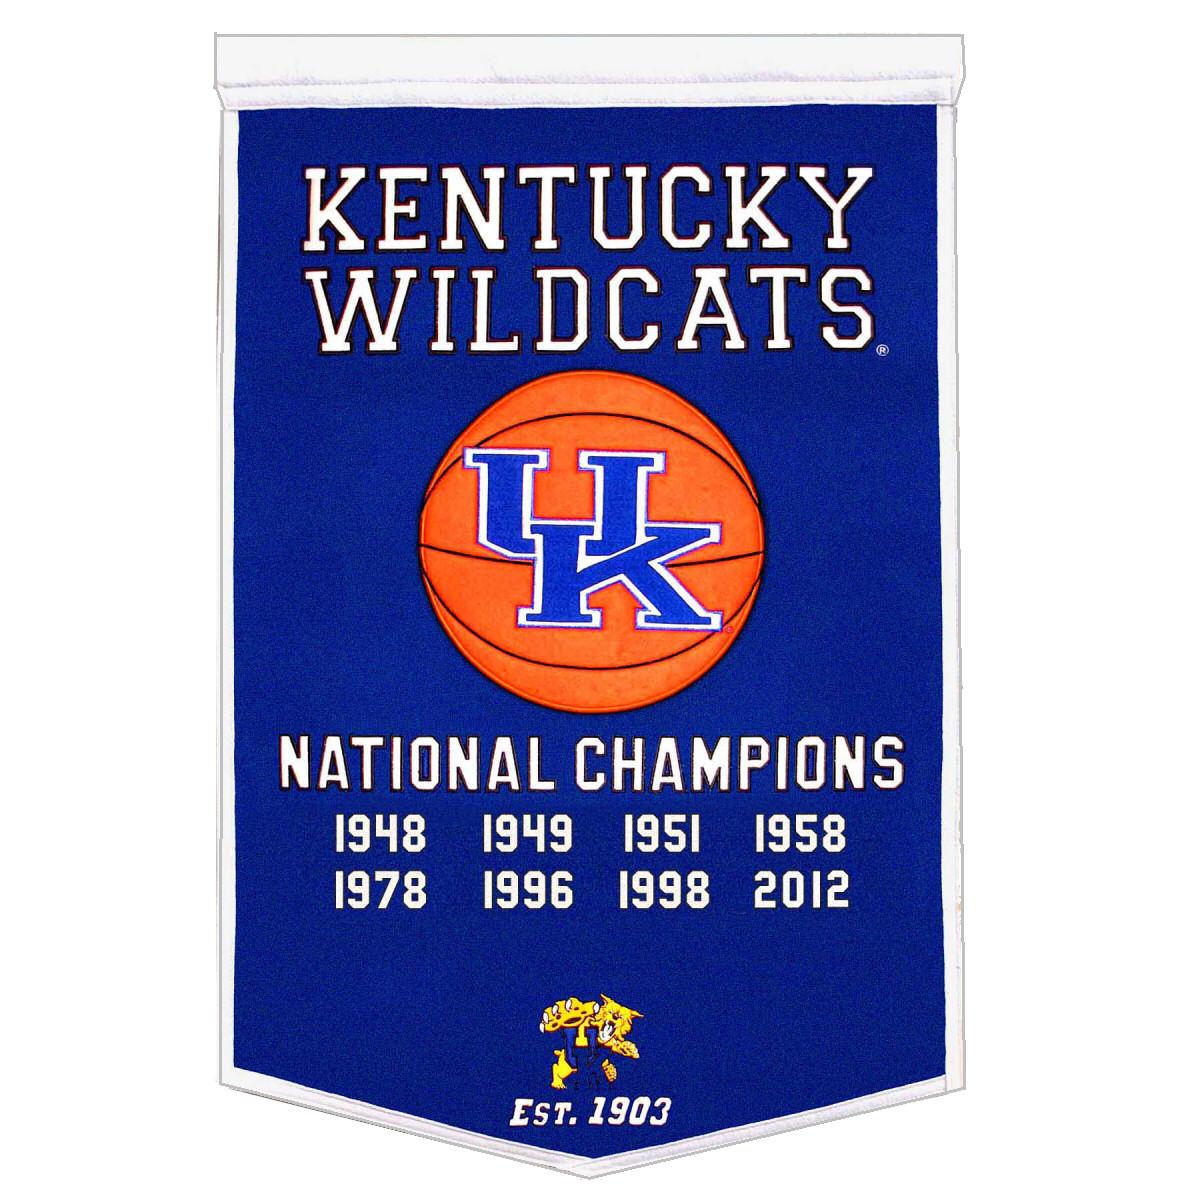 Kentucky Wildcats Championship Banner